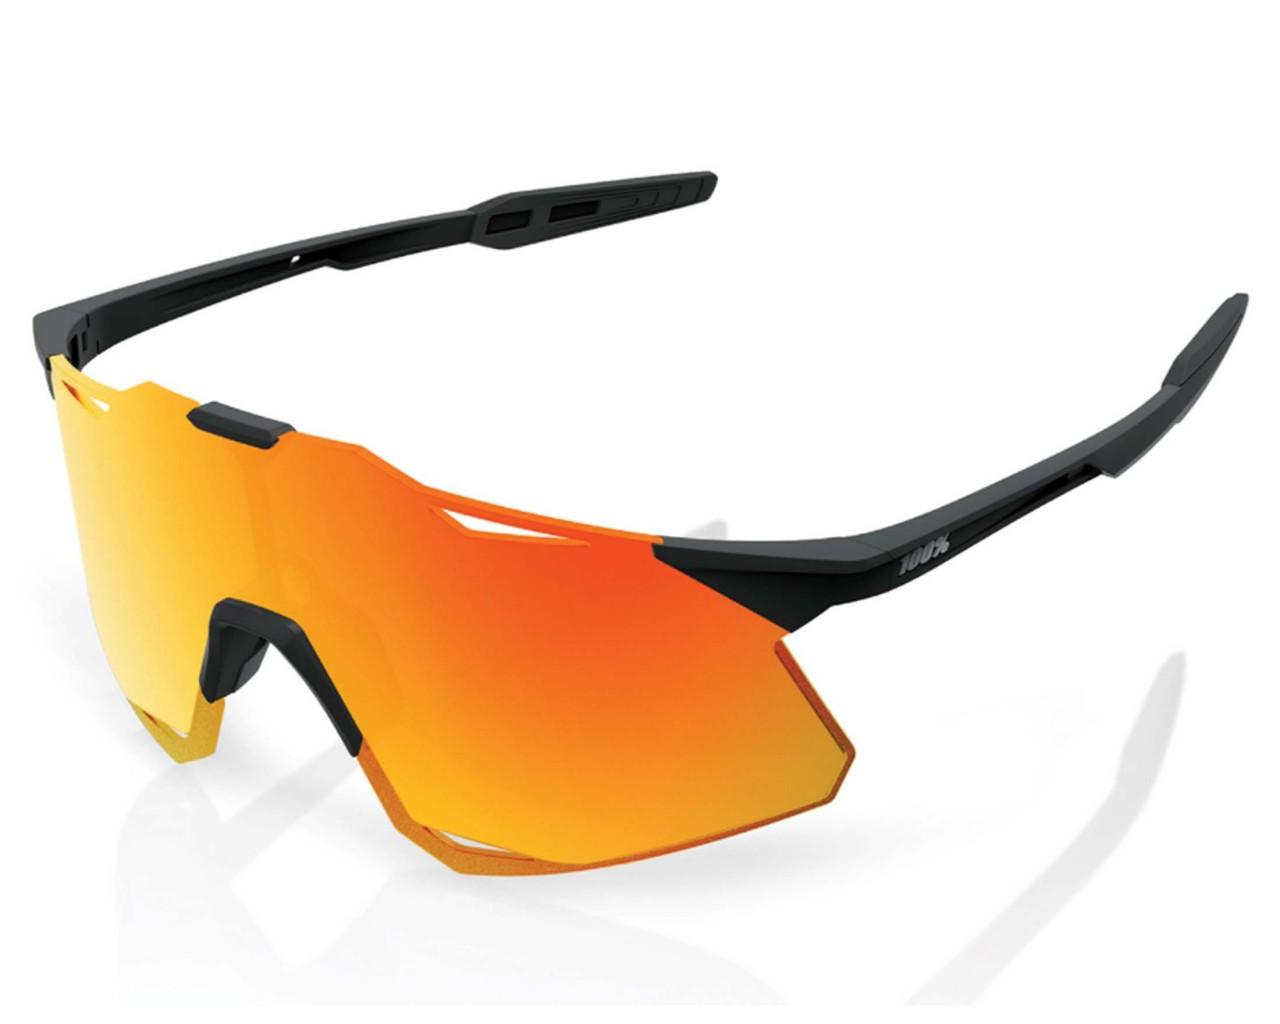 100% Hypercraft - Hiper Lens Sports sunglasses | matte black